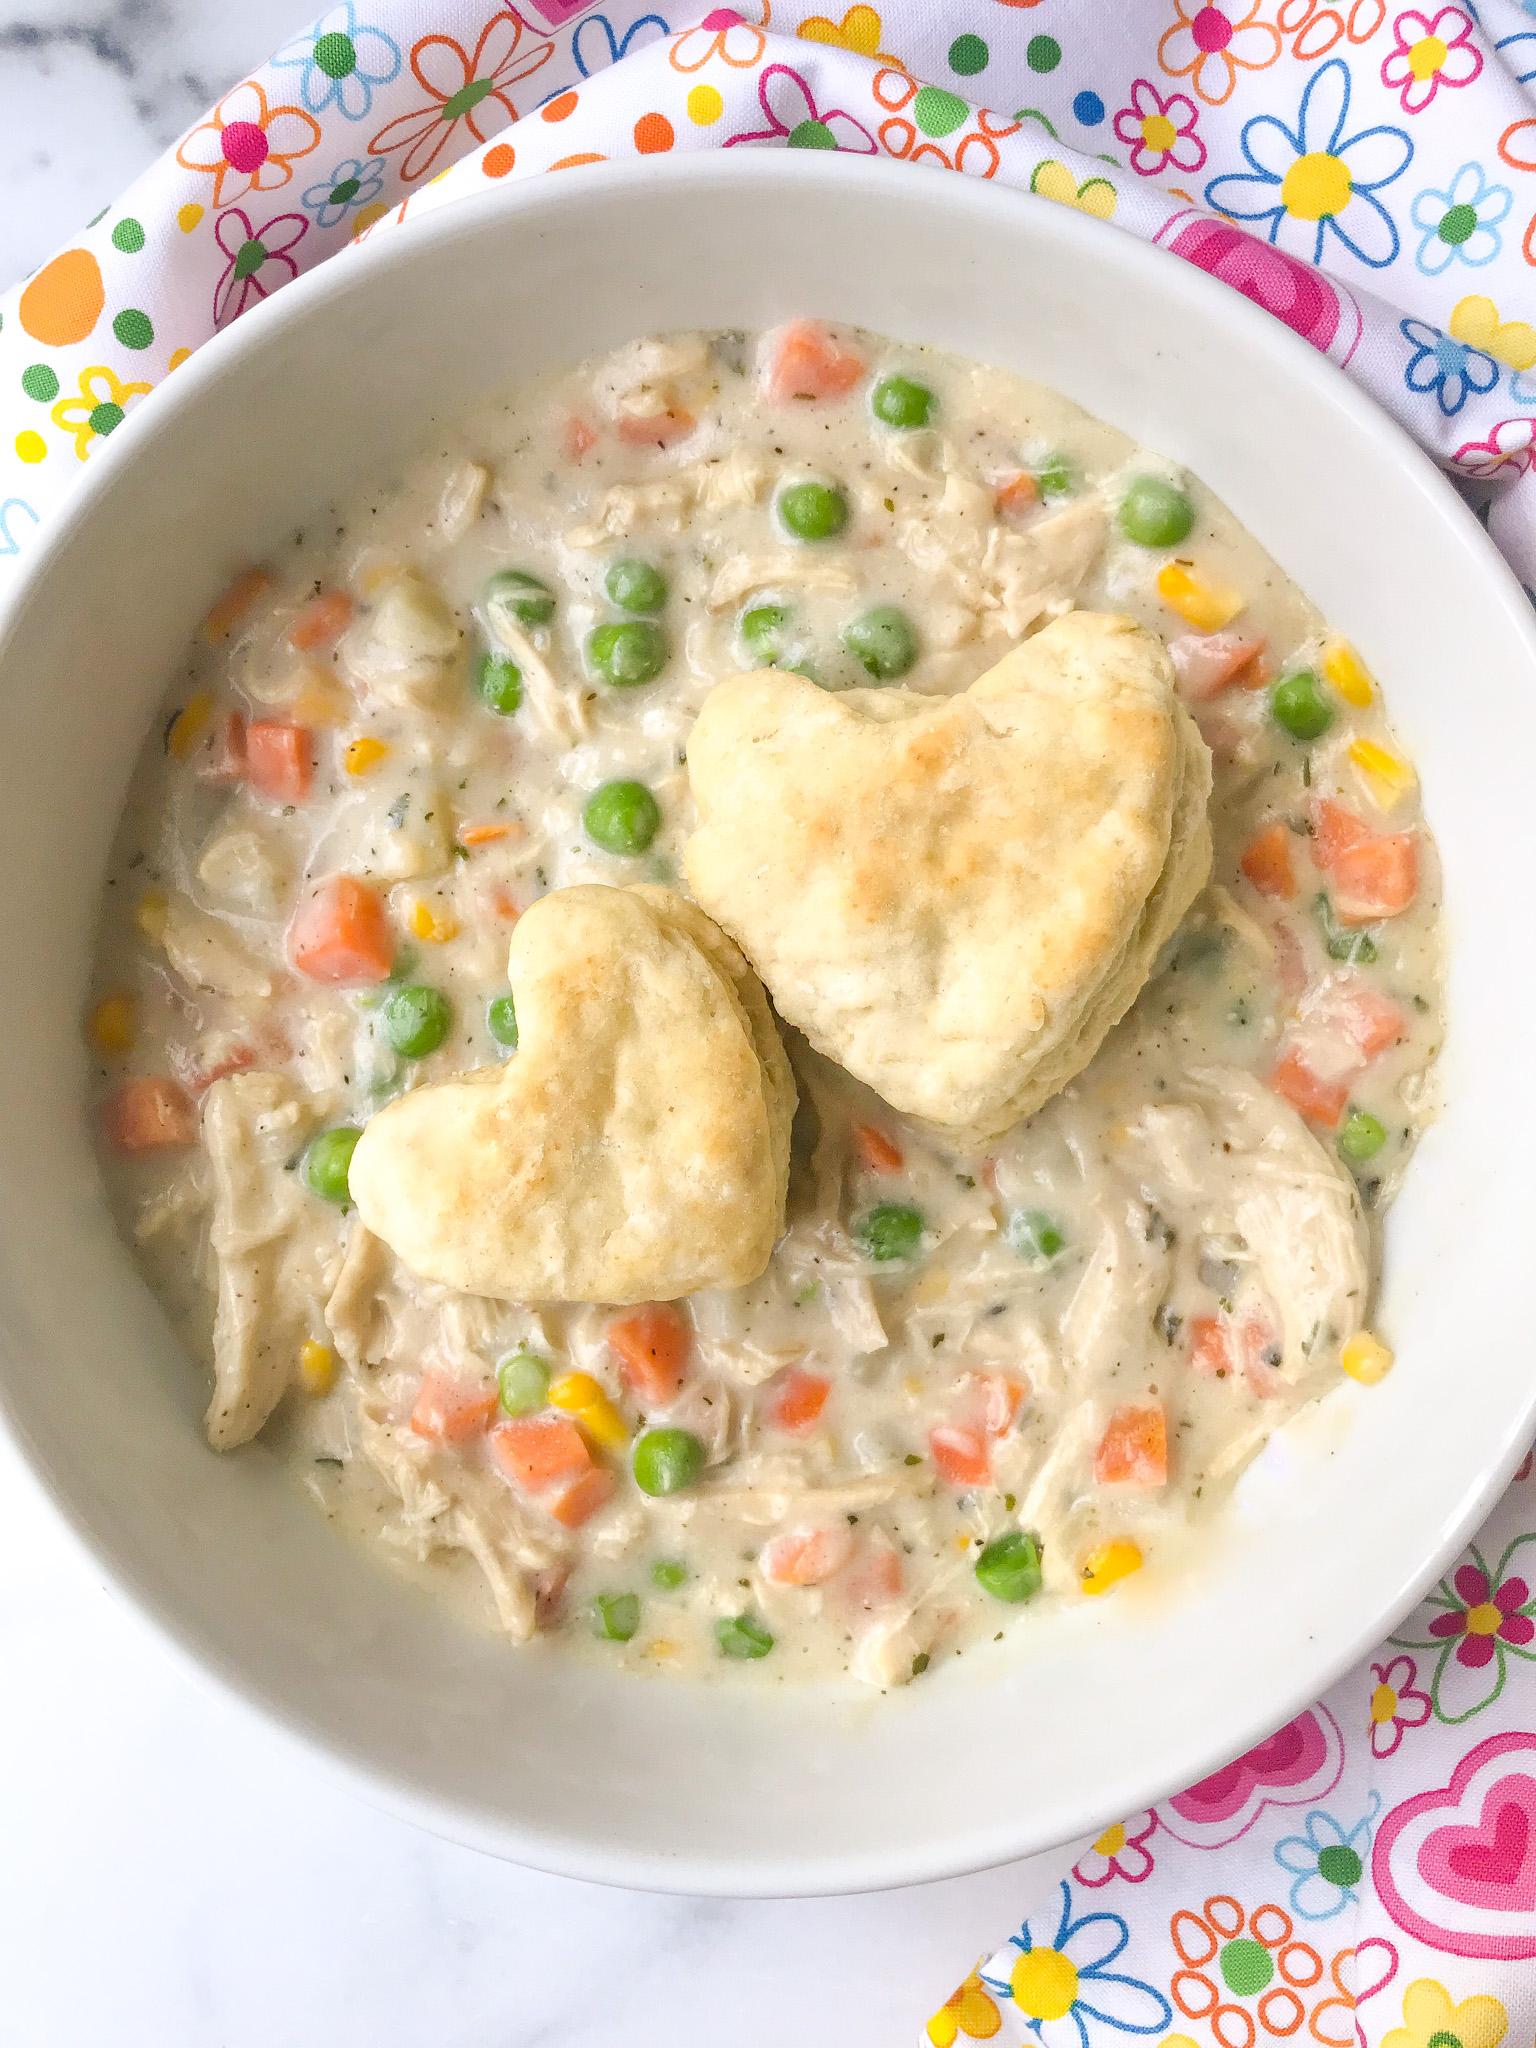 Skillet Chicken Pot Pie and Biscuits